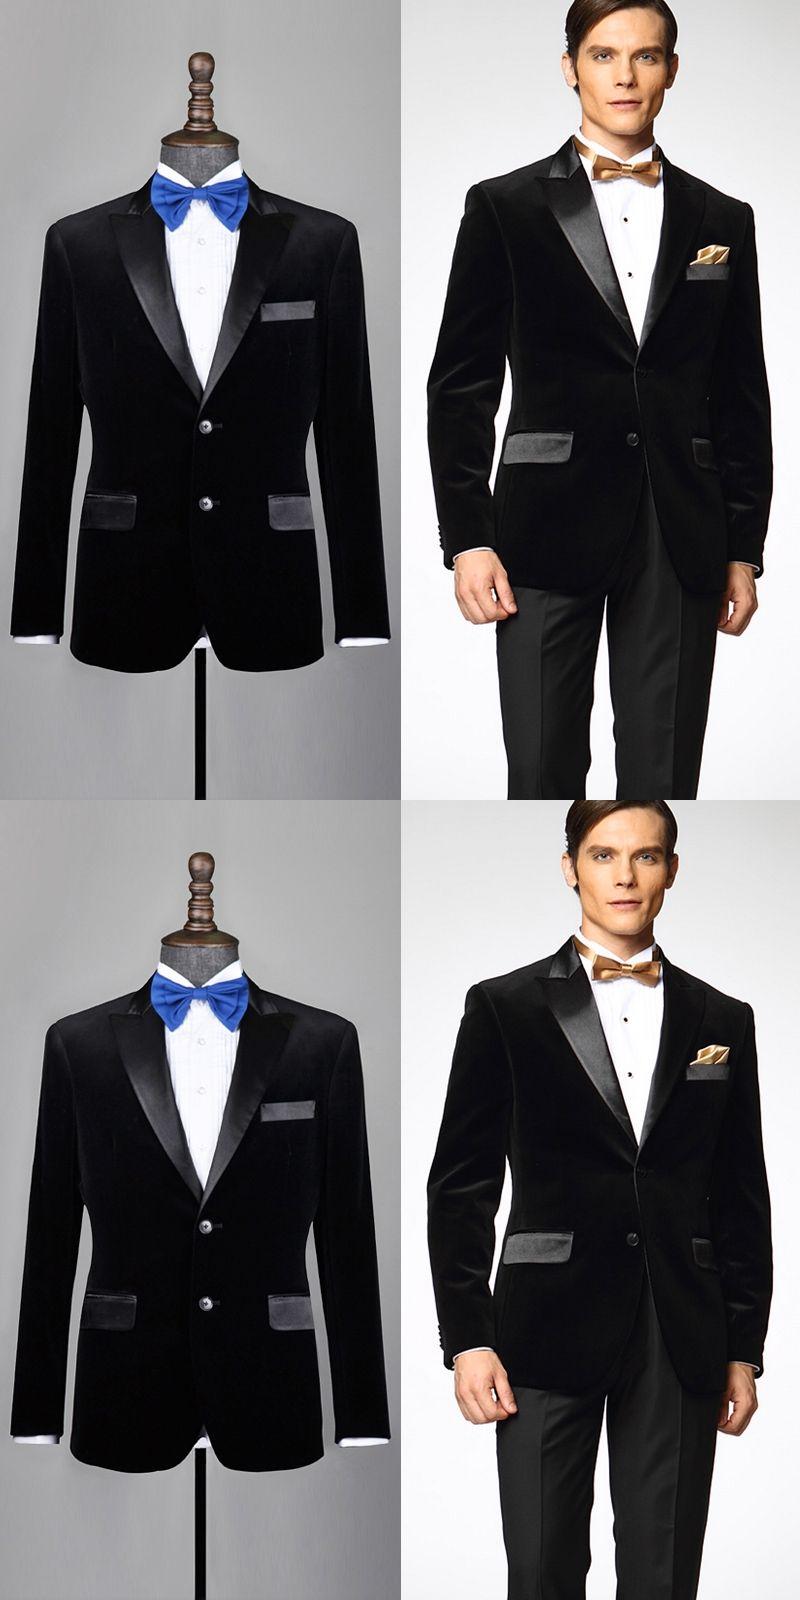 2017 Custom Made Black Velvet Groom Tuxedos Satin Shawl Lapel 2